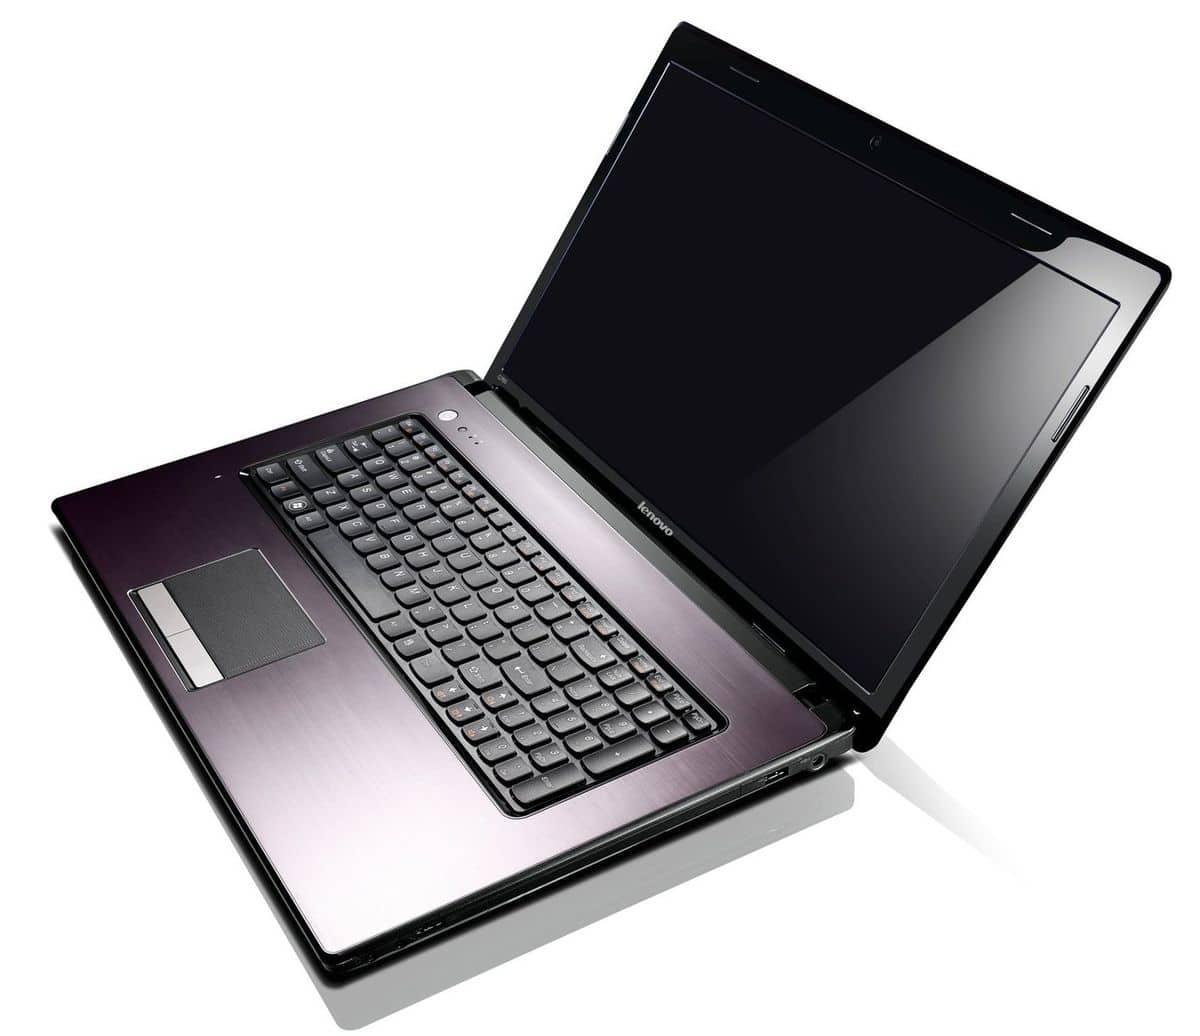 """Lenovo IdeaPad G780, 17.3"""" polyvalent avec Core i5 Ivy Bridge, GT 635M, 1000 Go à 699€"""